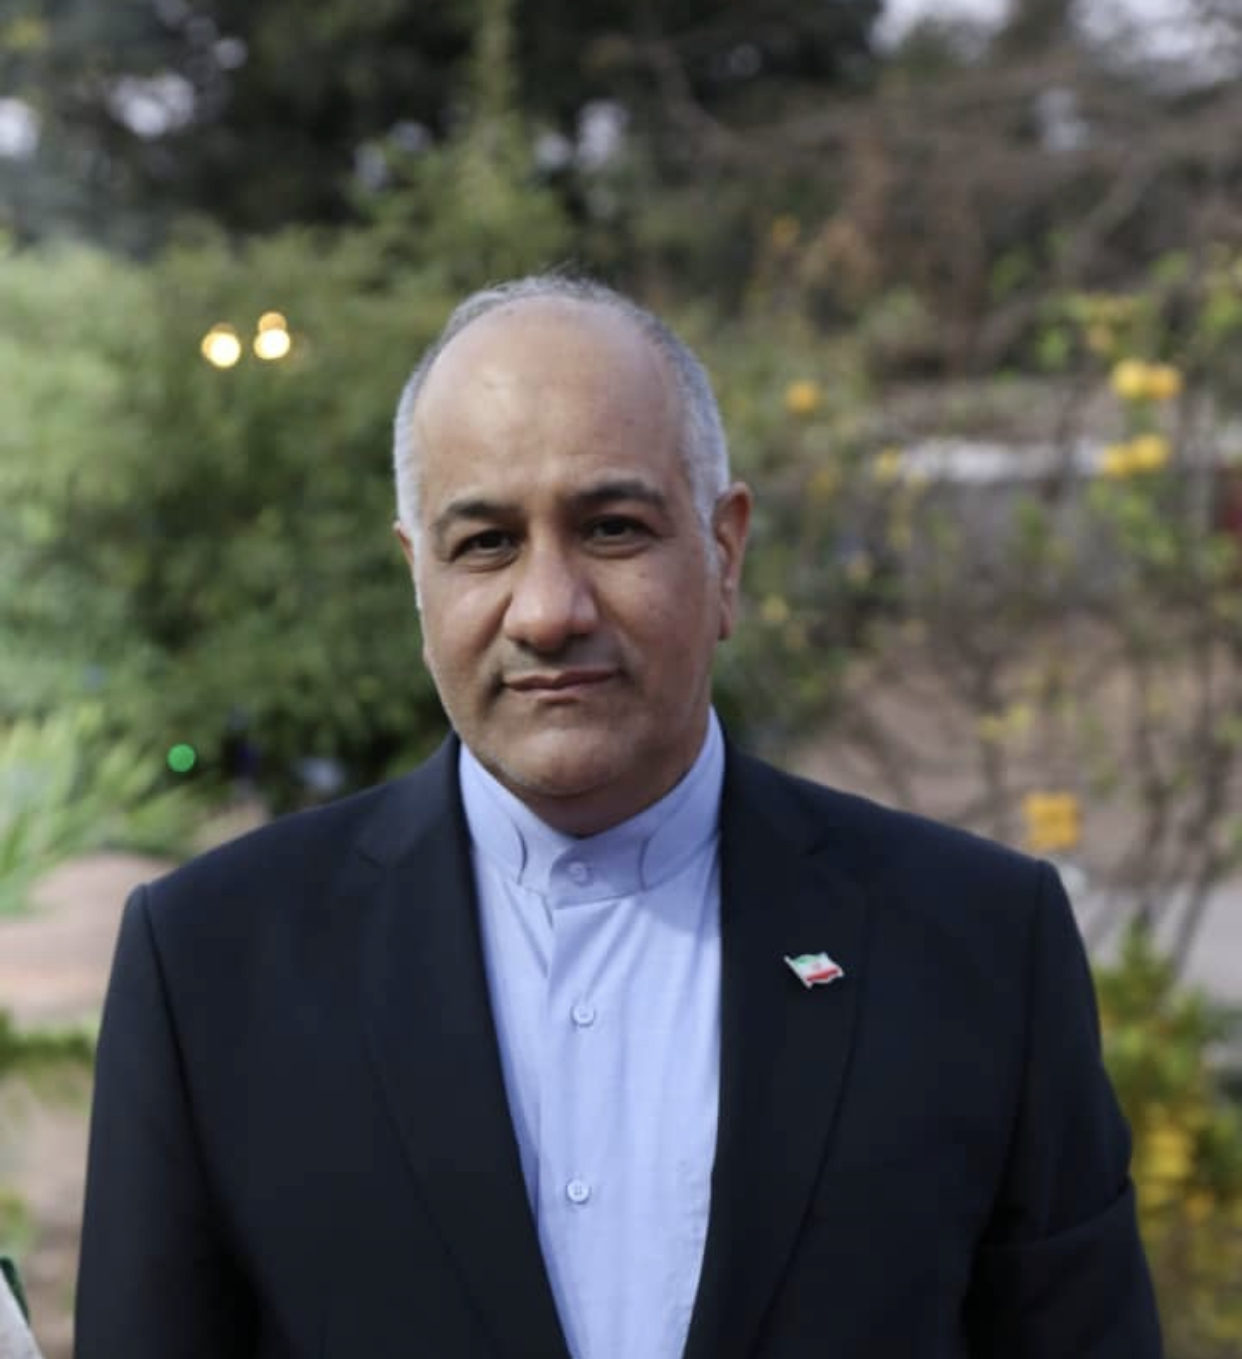 (ENTRETIEN) Dr Mohammad Reza Dehshiri, ambassadeur de l'Iran au Sénégal: « Le volume des échanges commerciaux avec le Sénégal est inférieur à nos attentes (...) L'Afrique souffrira économiquement du Covid-19 (…) Le monde après le Coronavirus»